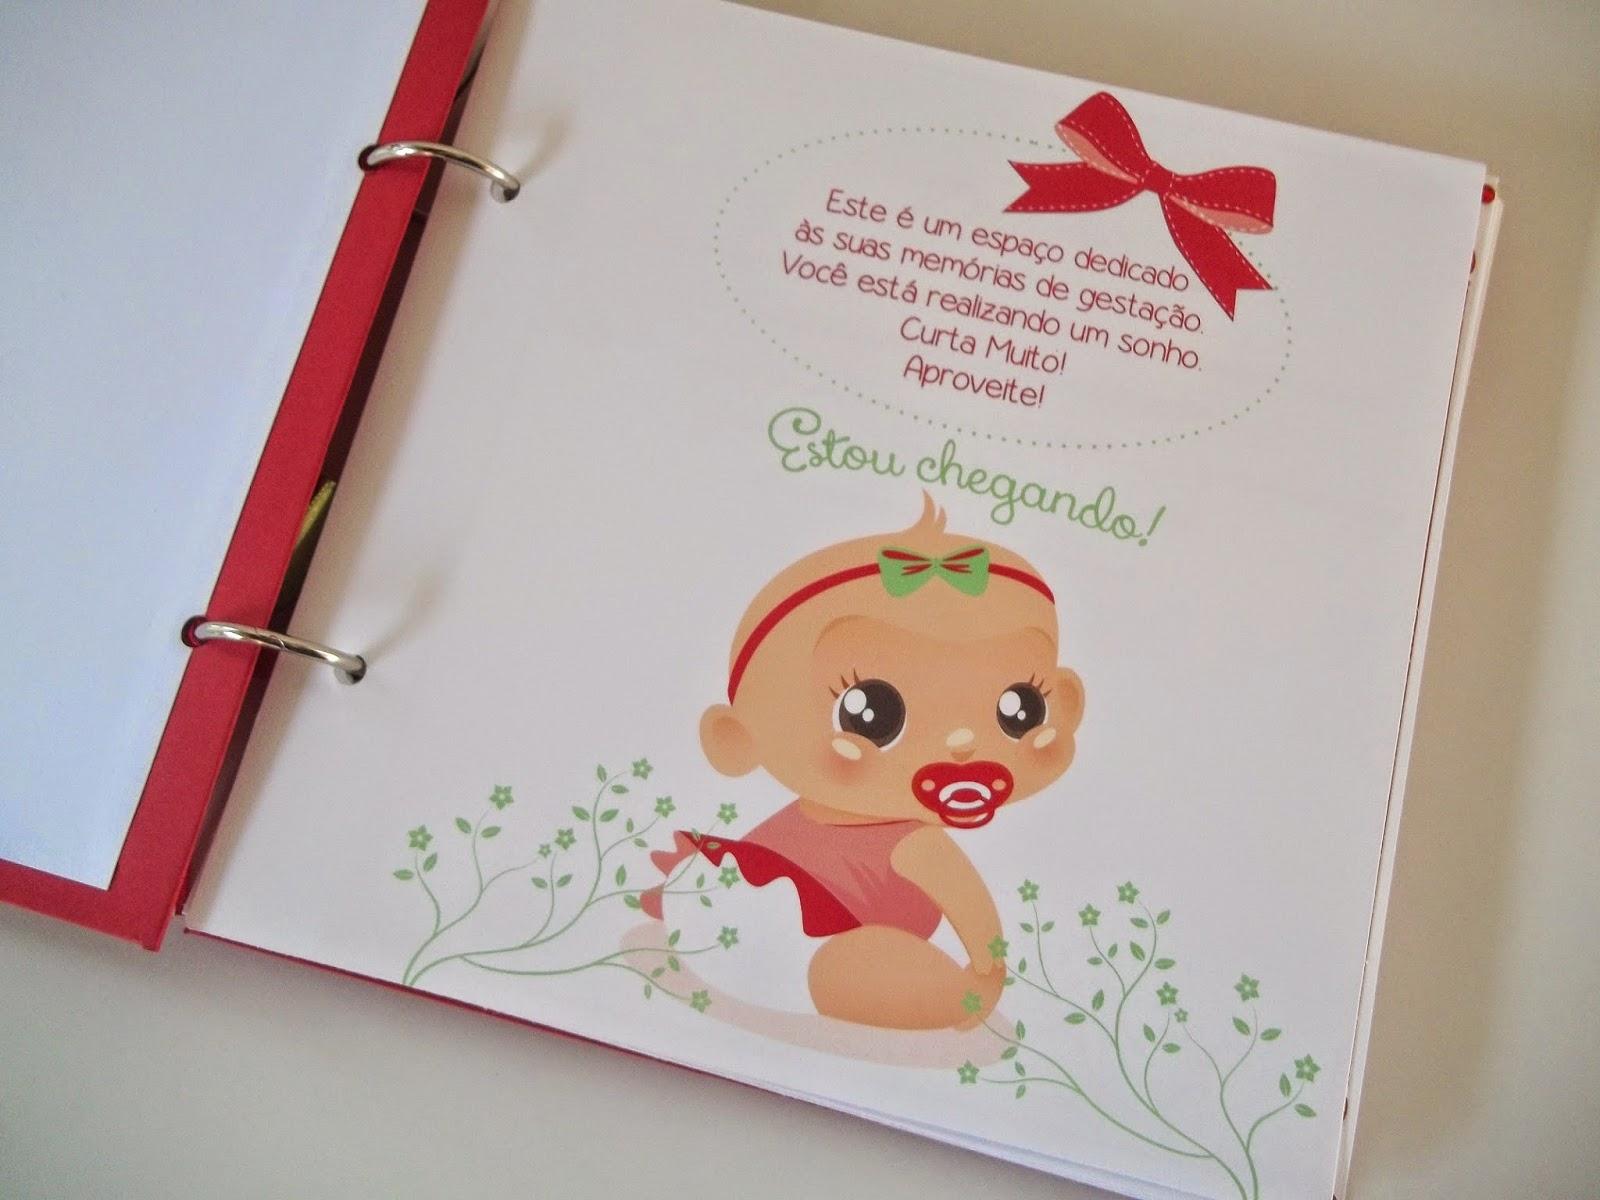 Diário da gravidez, diário da gestante, álbum gravidez scrapbook, diário gravidez joaninha